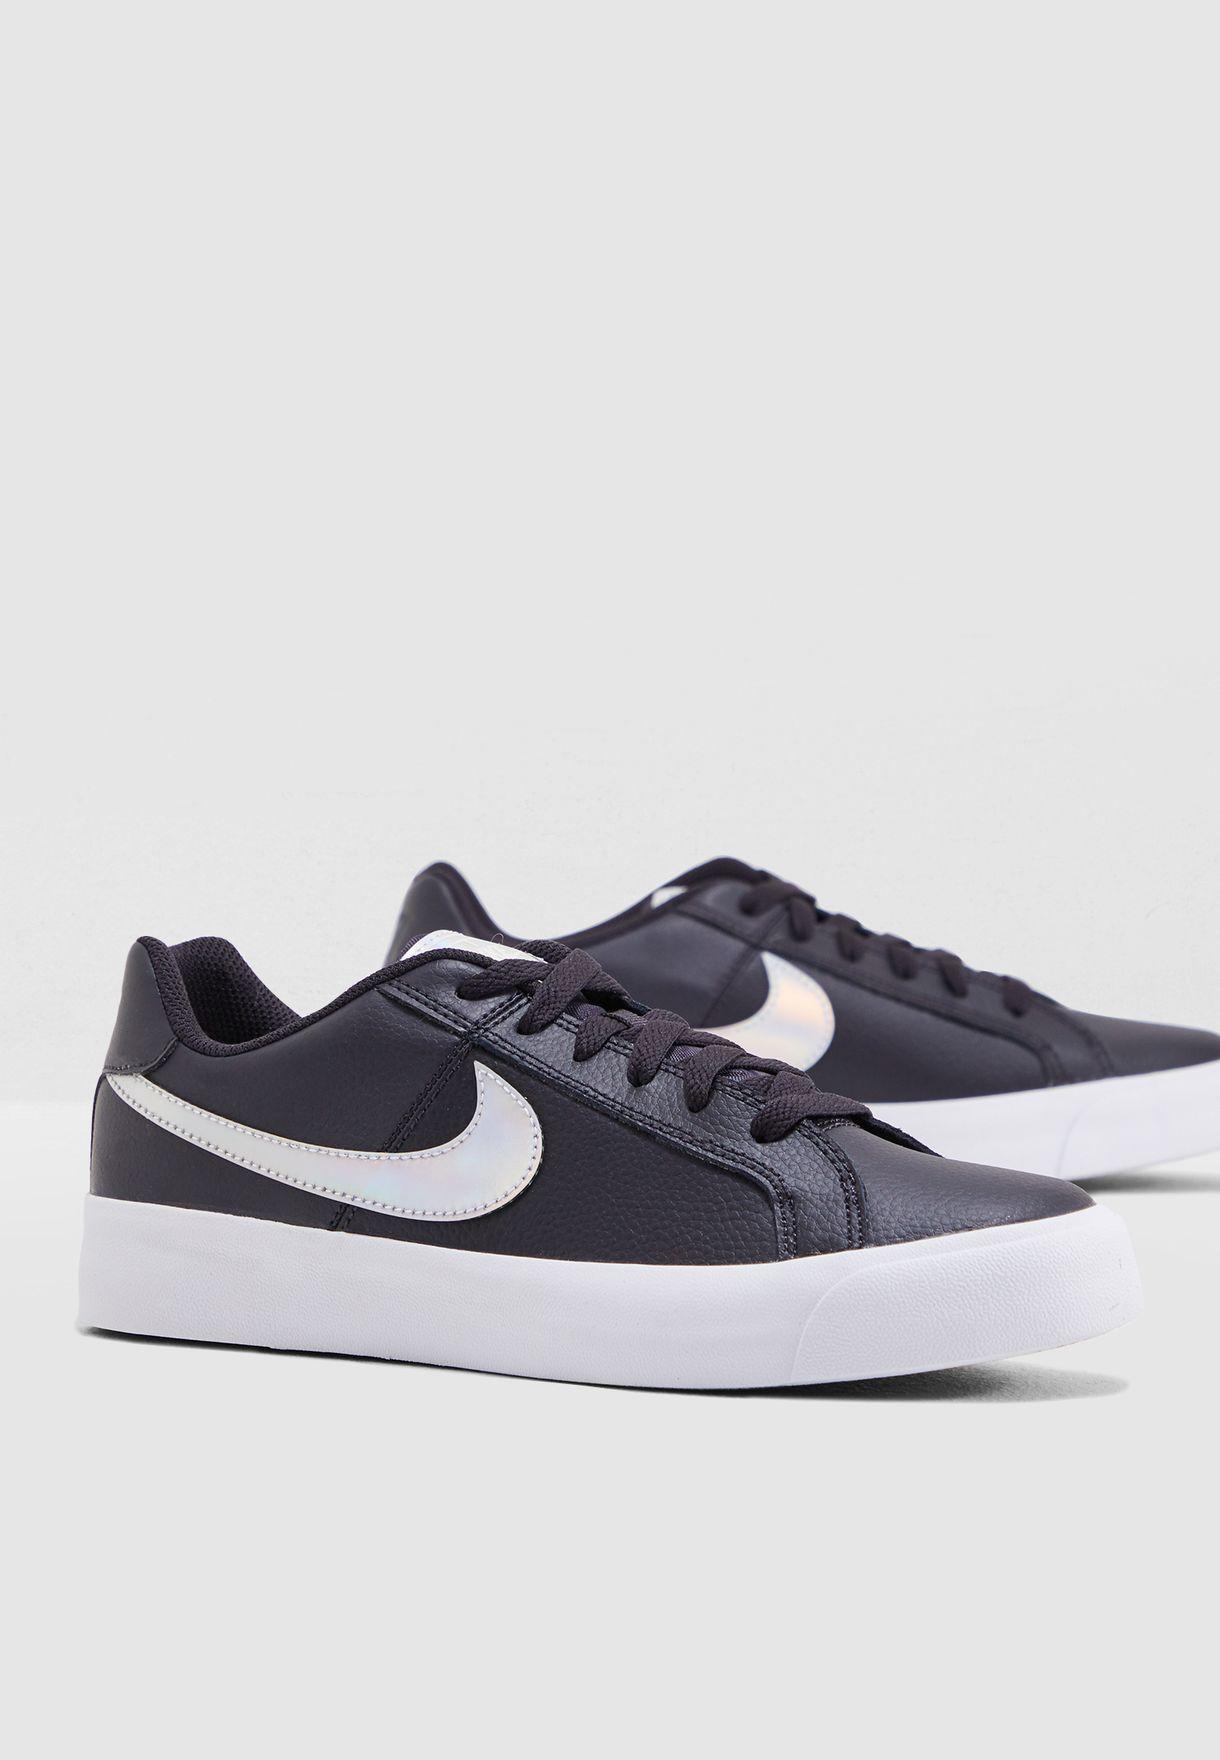 edb0f1af62c1 Shop Nike black Court Royale AC AO2810-002 for Women in UAE ...